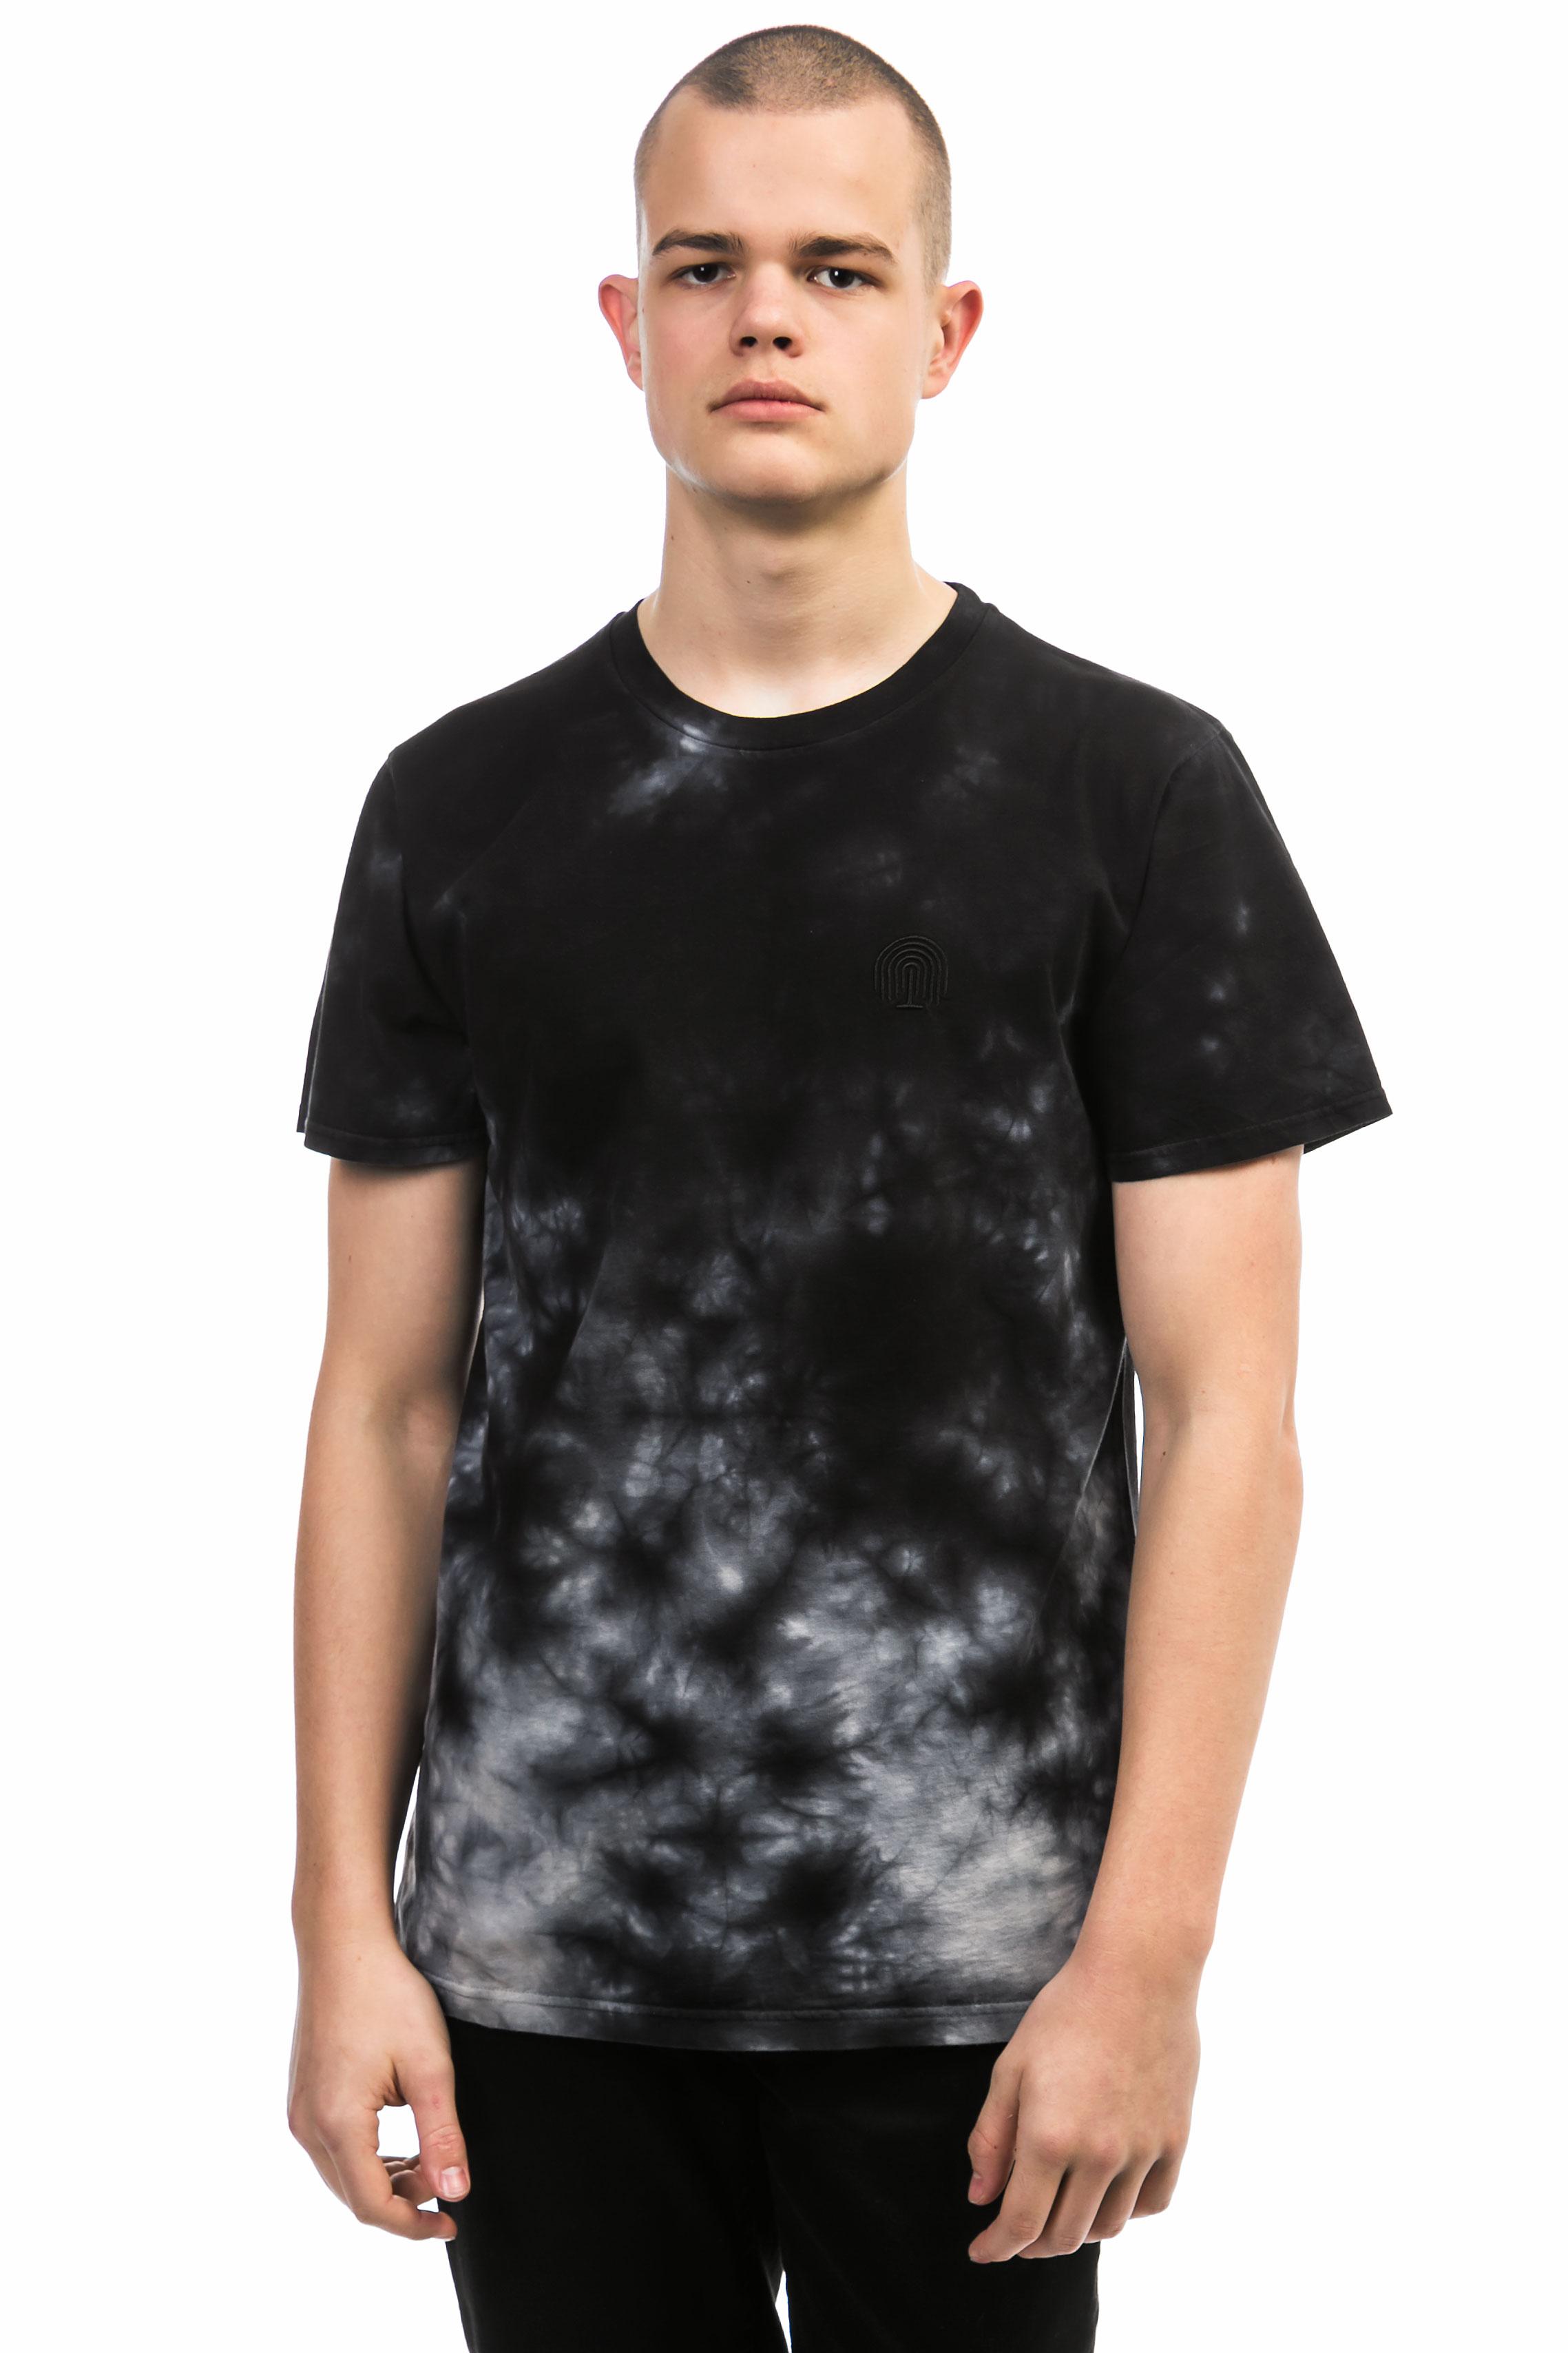 Dye Dye T Dark shirttie Willow uXZTOPki